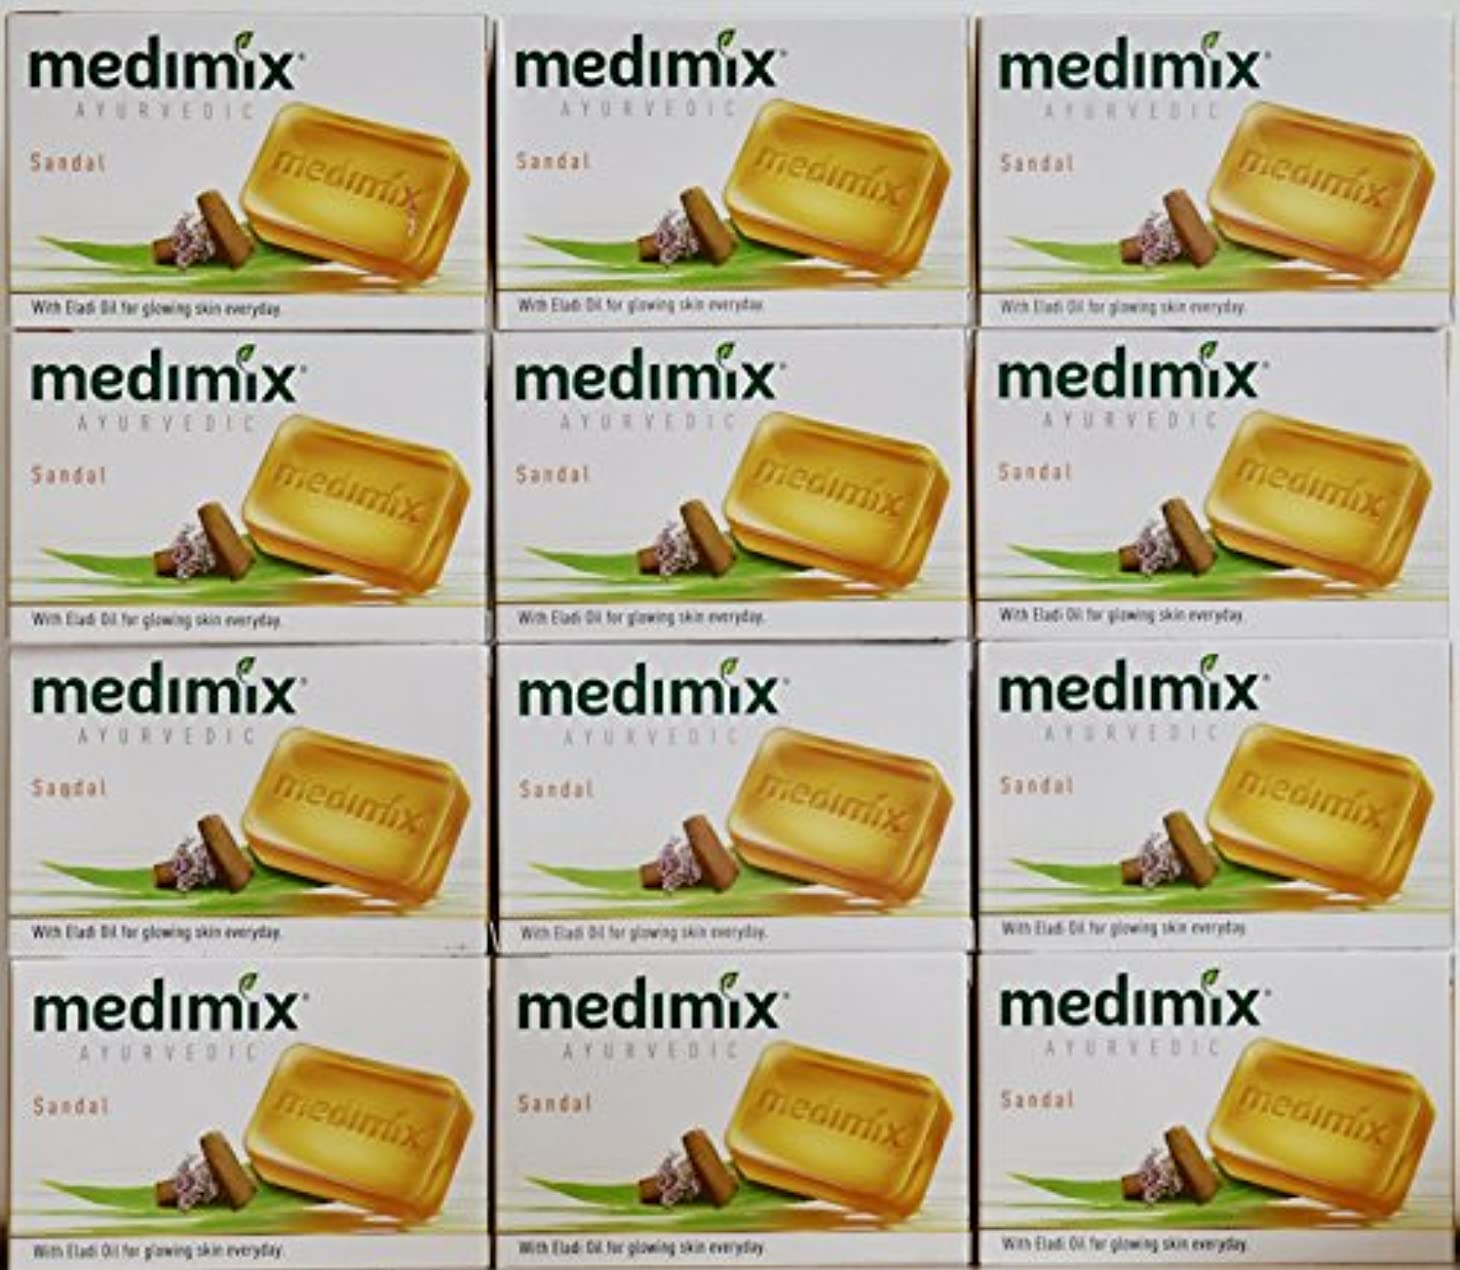 輸送兄弟愛醸造所medimix メディミックス アーユルヴェディックサンダル 石鹸(旧商品名クラシックオレンジ))125g 12個入り